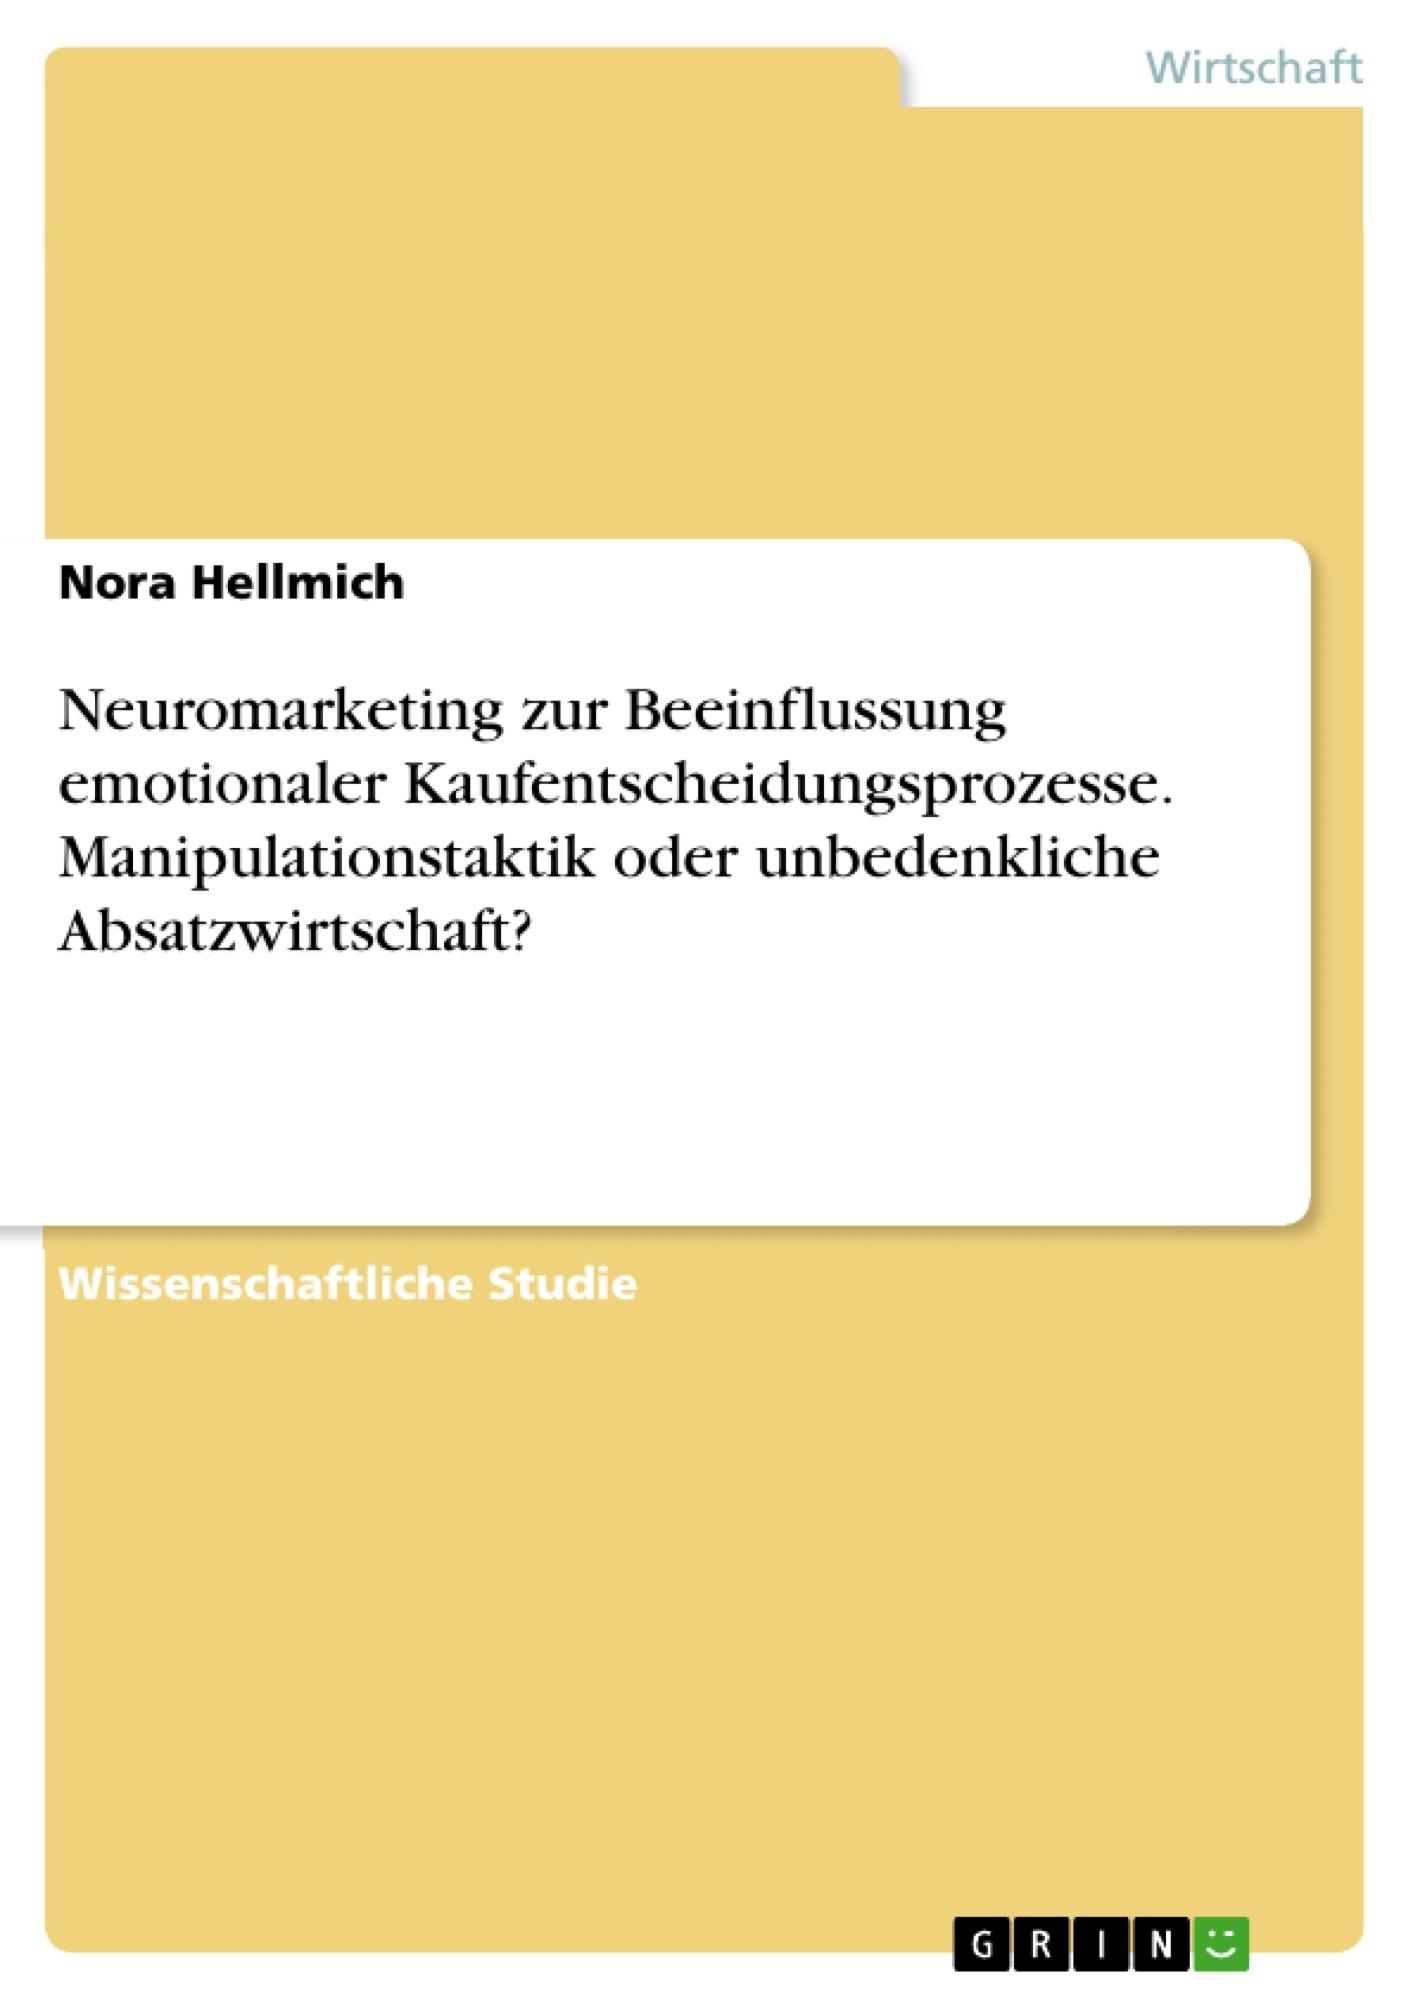 Titel: Neuromarketing zur Beeinflussung emotionaler Kaufentscheidungsprozesse. Manipulationstaktik oder unbedenkliche Absatzwirtschaft?